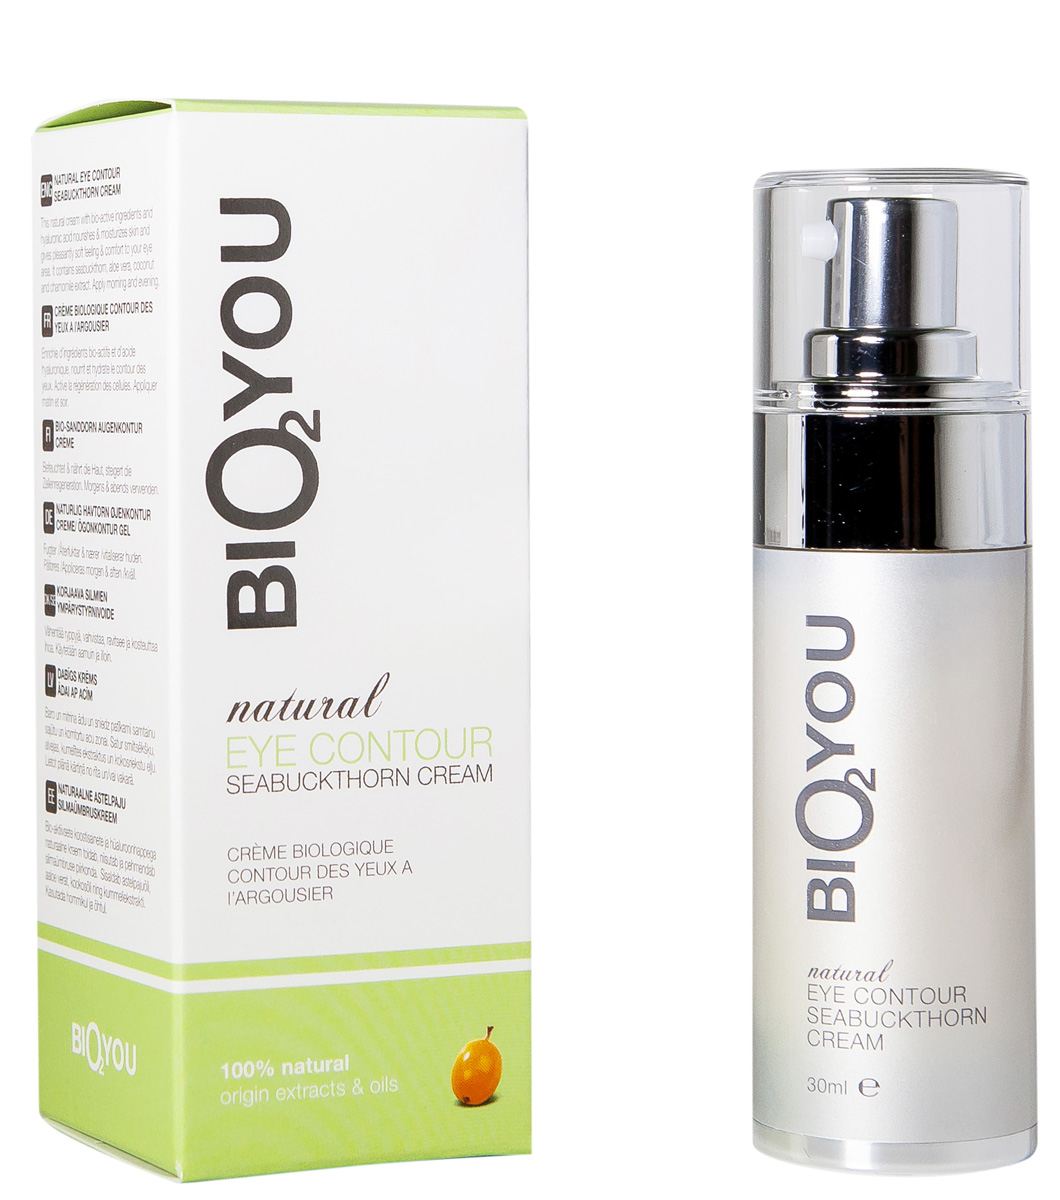 BIO2You Natural Skin Car Натуральный облепиховый крем для области вокруг глаз, 30 мл960084Натуральная формула с биоактивными ингредиентами уменьшает морщинки, укрепляет, питает, увлажняет и придает области вокруг глаз ощущение комфорта.